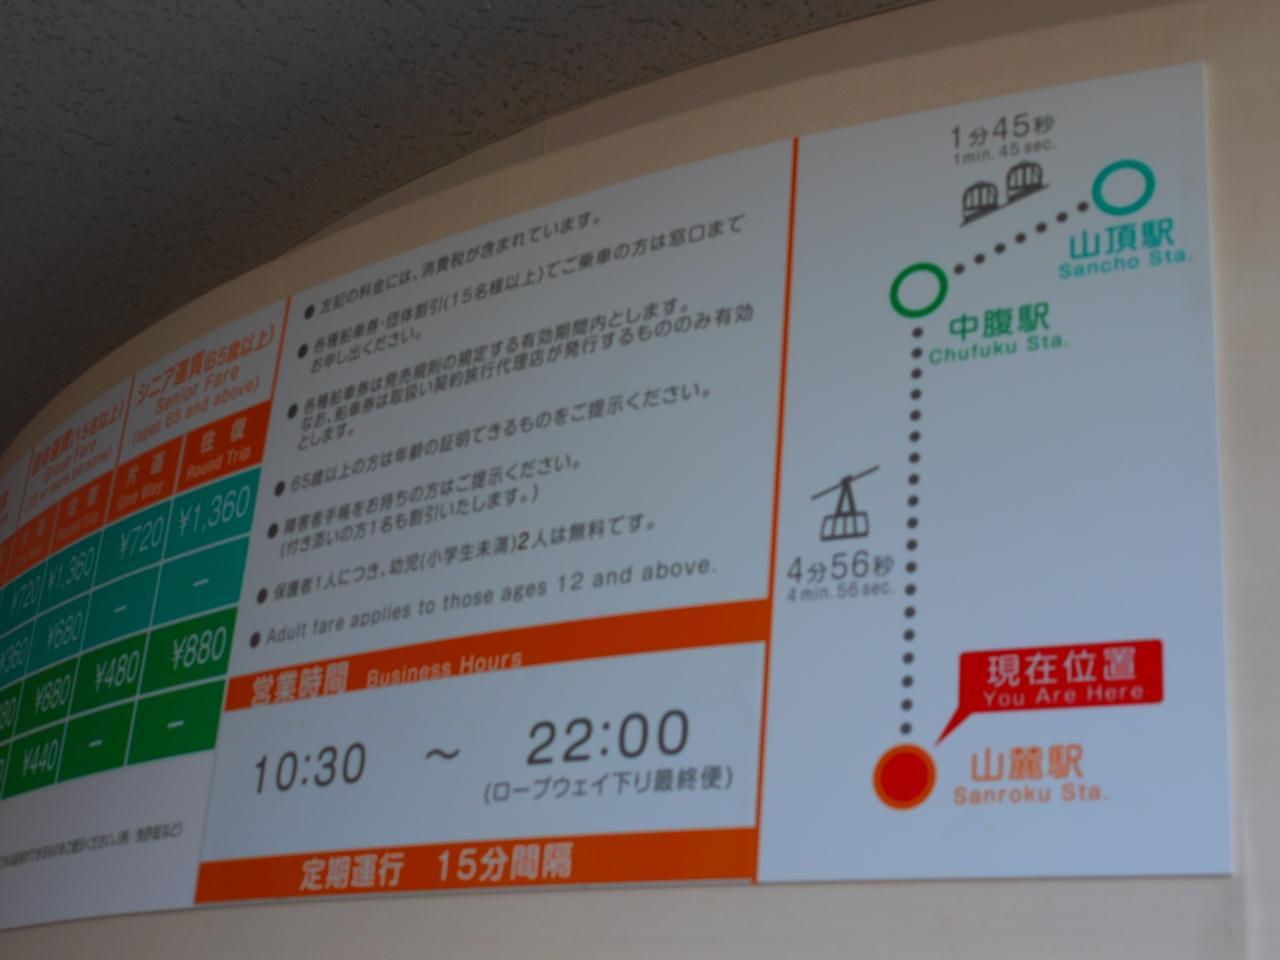 ケーブルカー・リフト | 高尾登山電鉄公式サイト